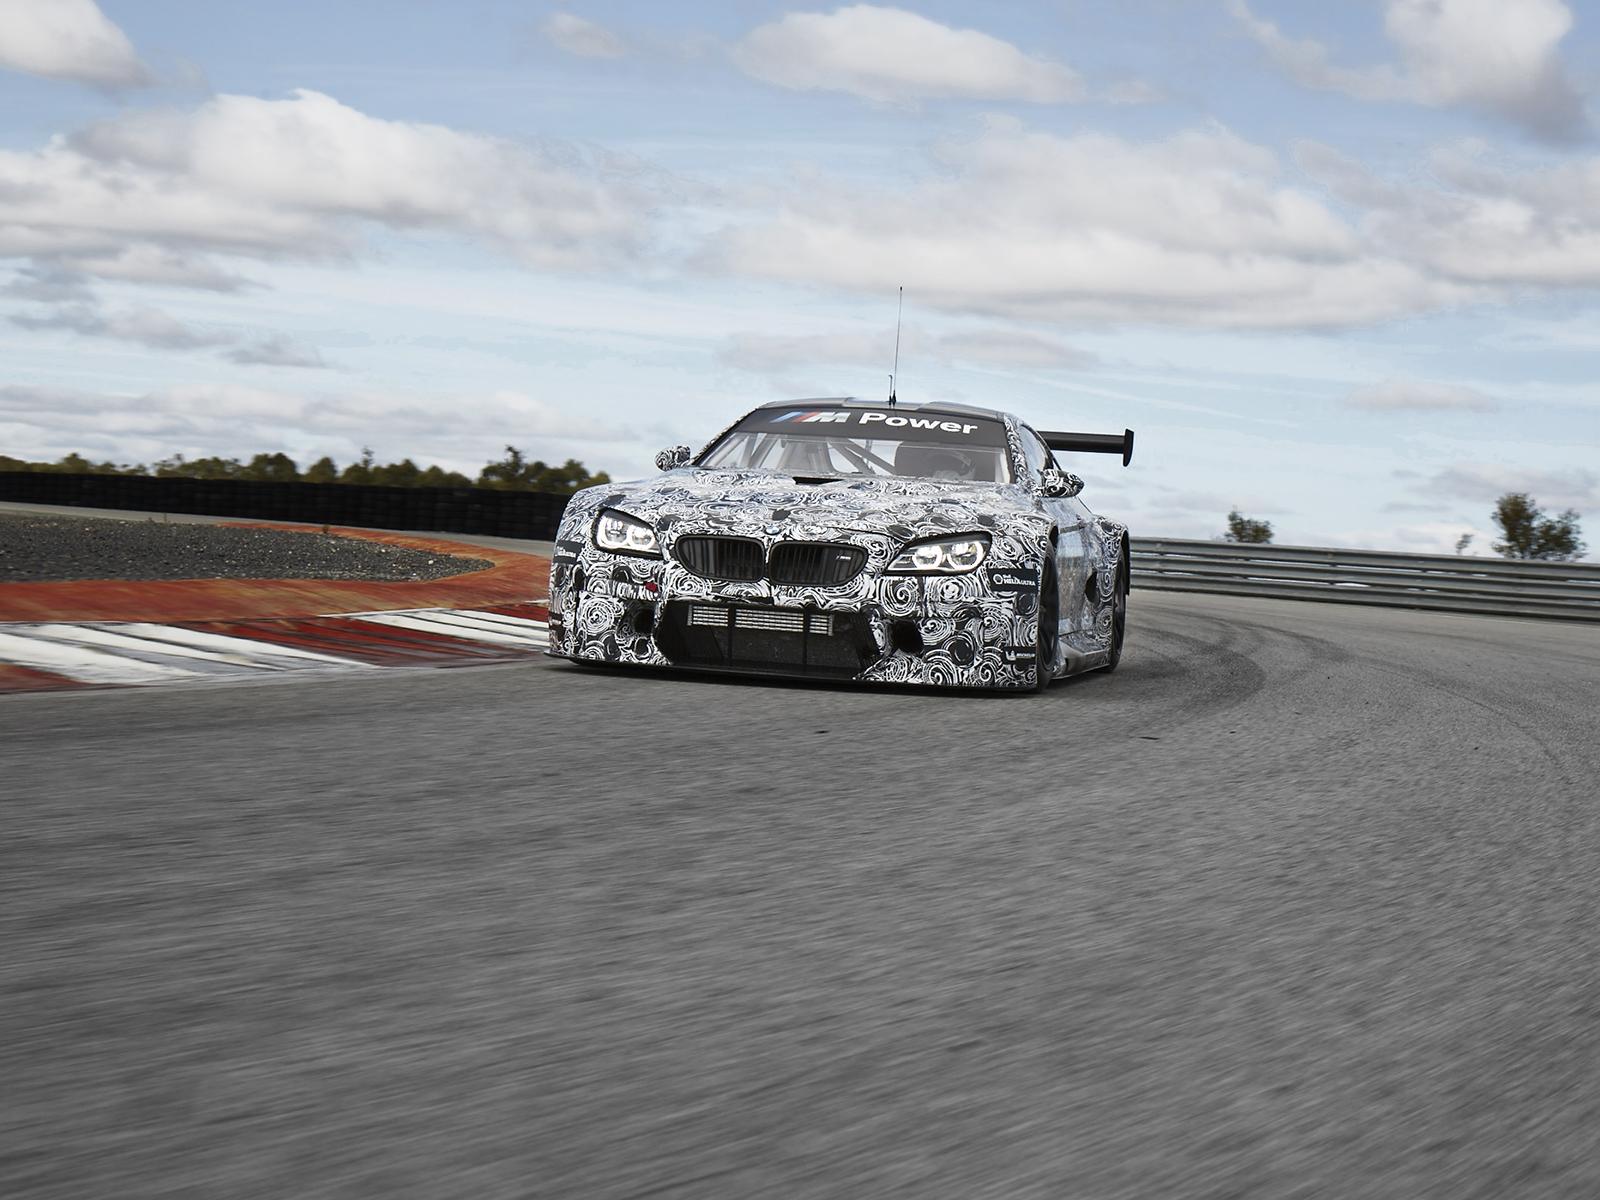 Szeptemberben felölti báliruháját a BMW M6 GT3: 585 lóerő és 110 millió feletti ár